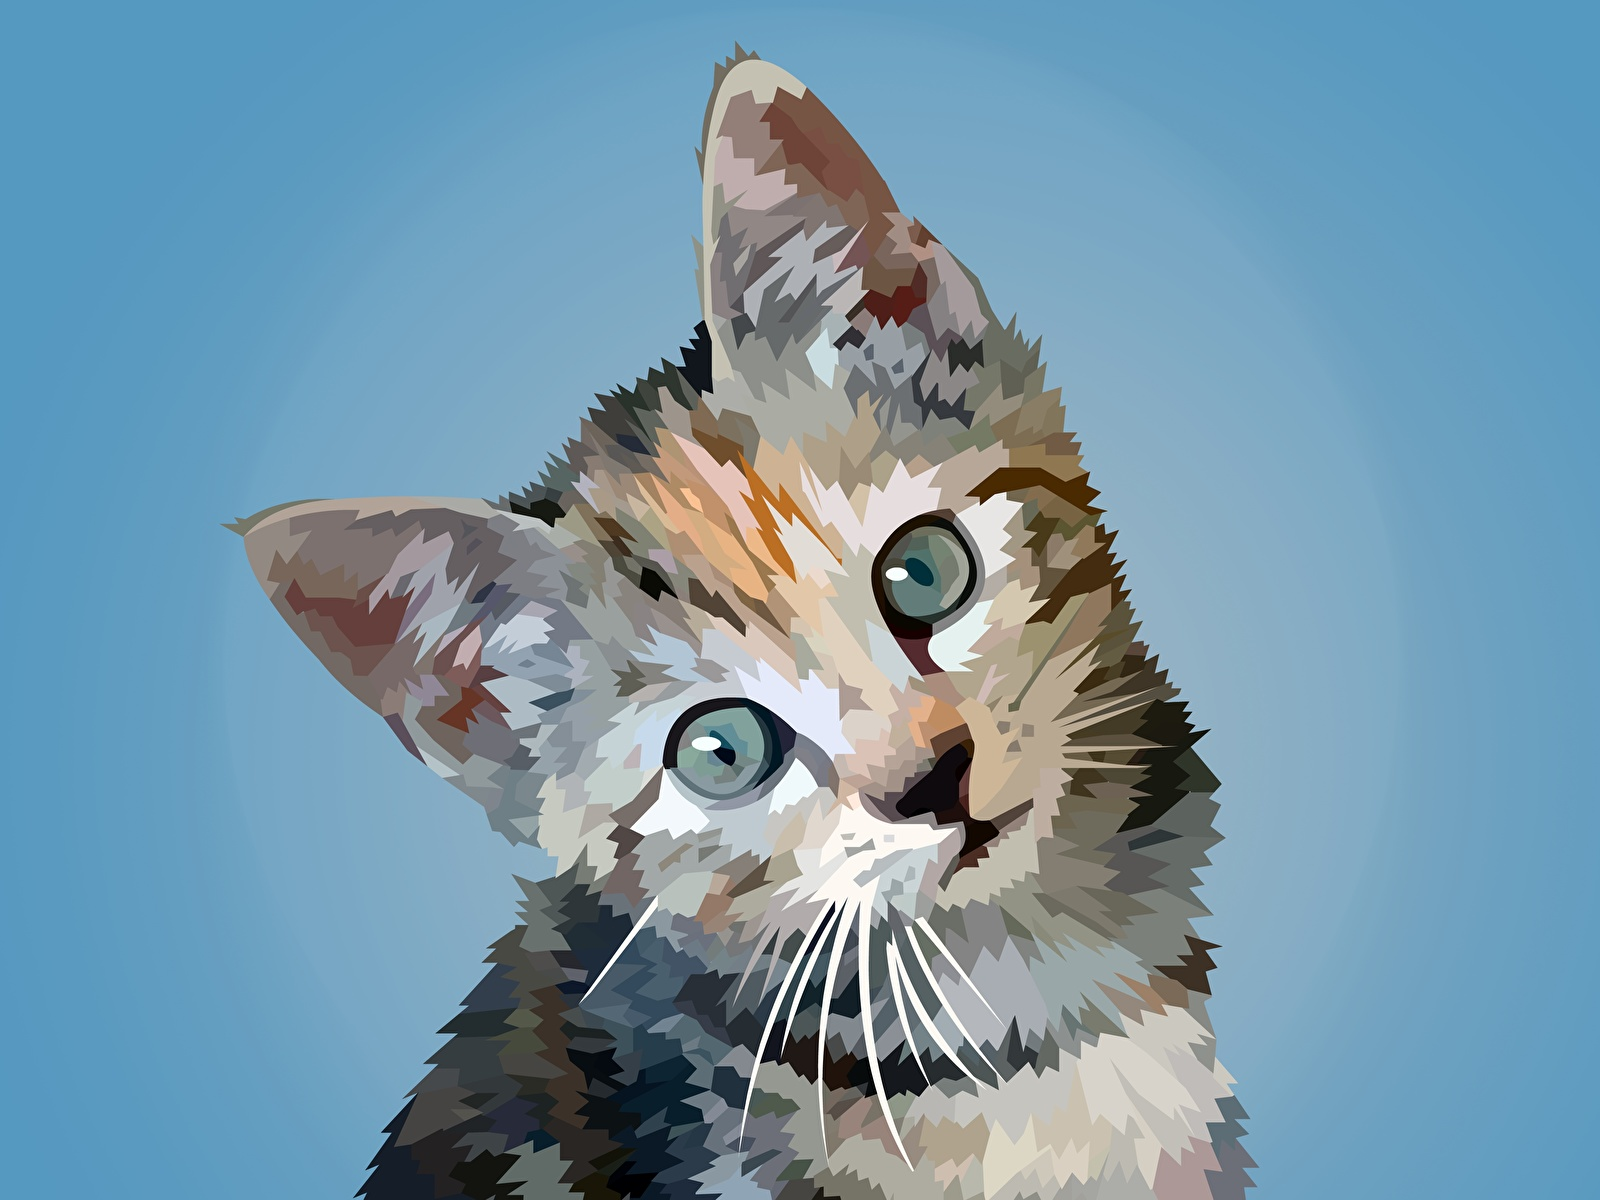 Unduh 43 Koleksi Wallpaper Wa Cat Gratis Terbaik